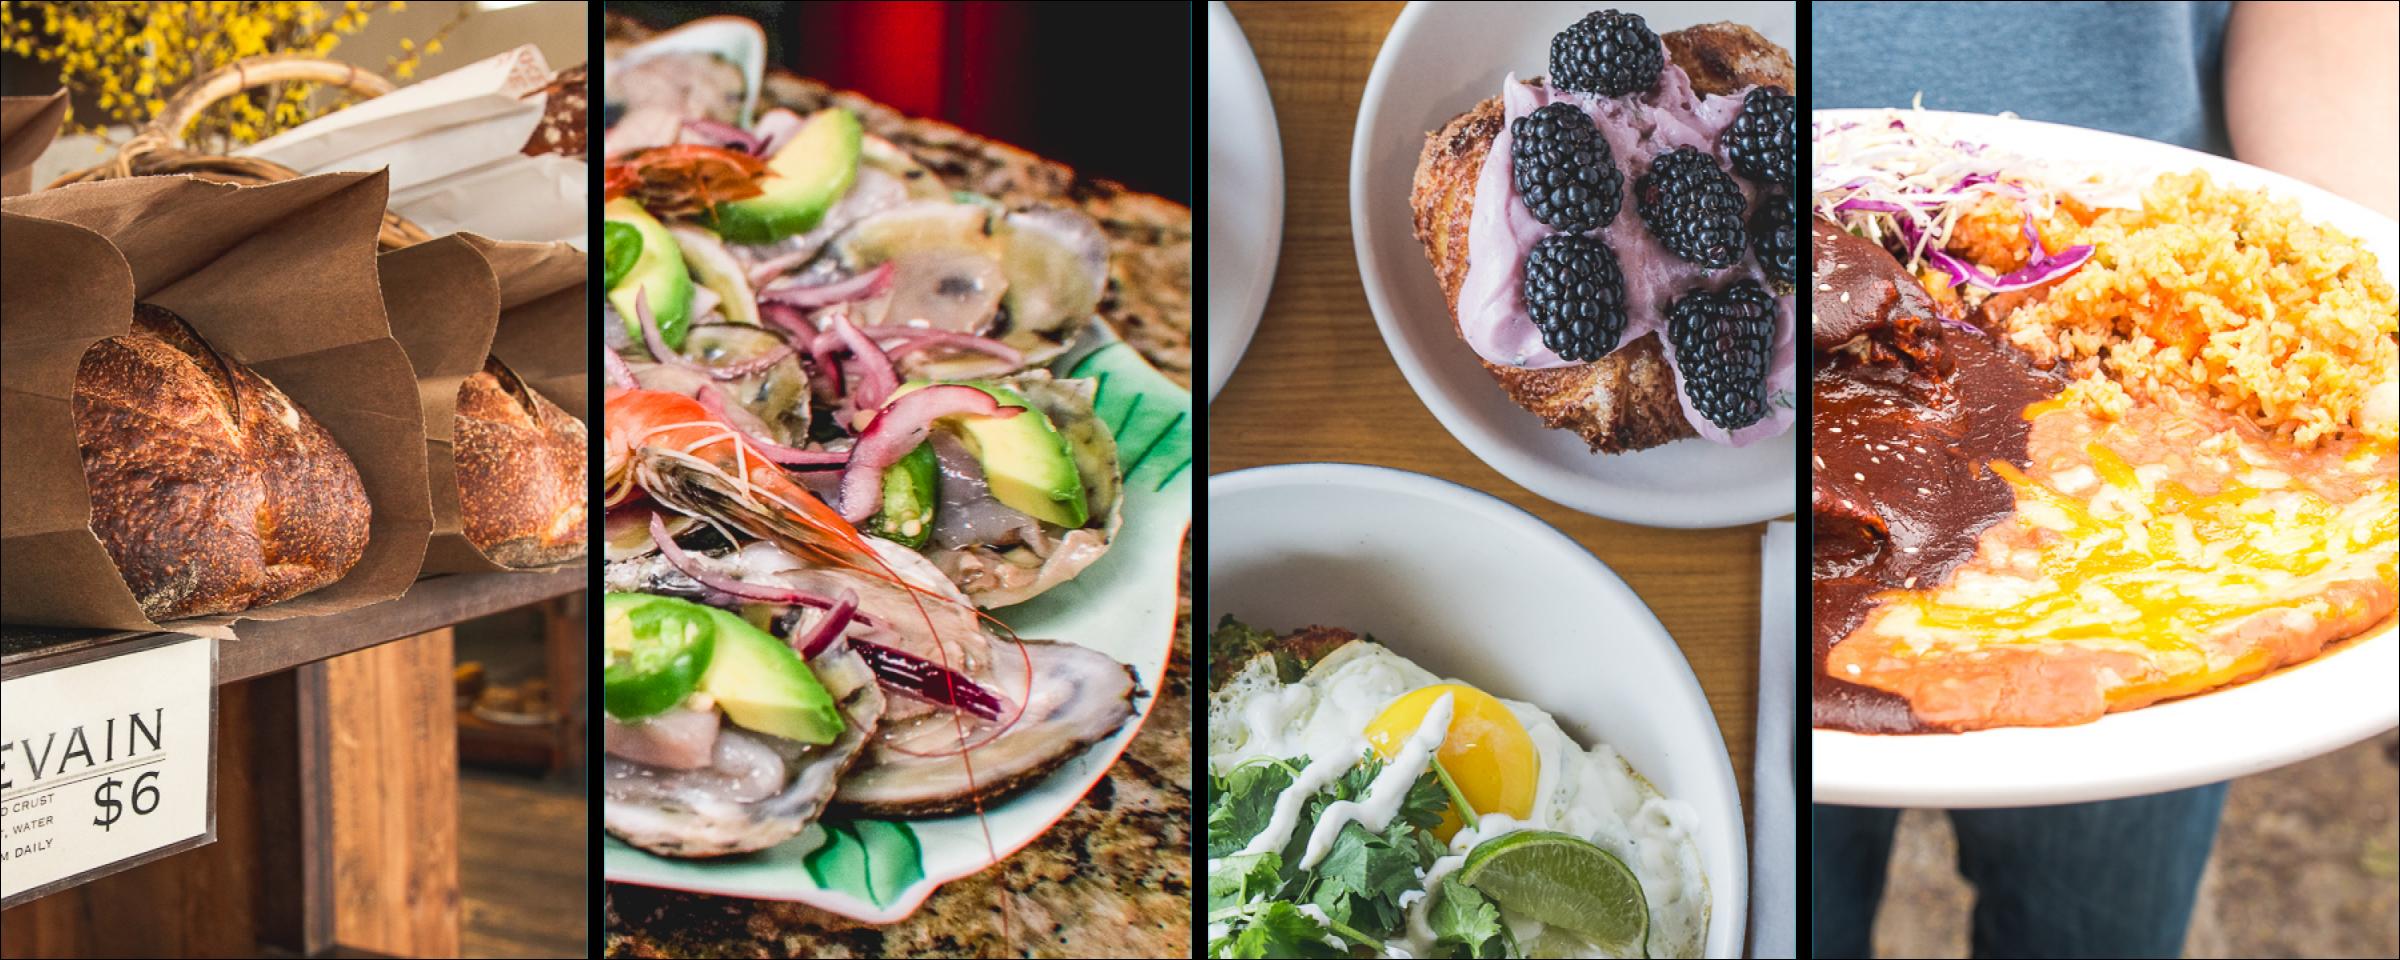 webpage-headers-food